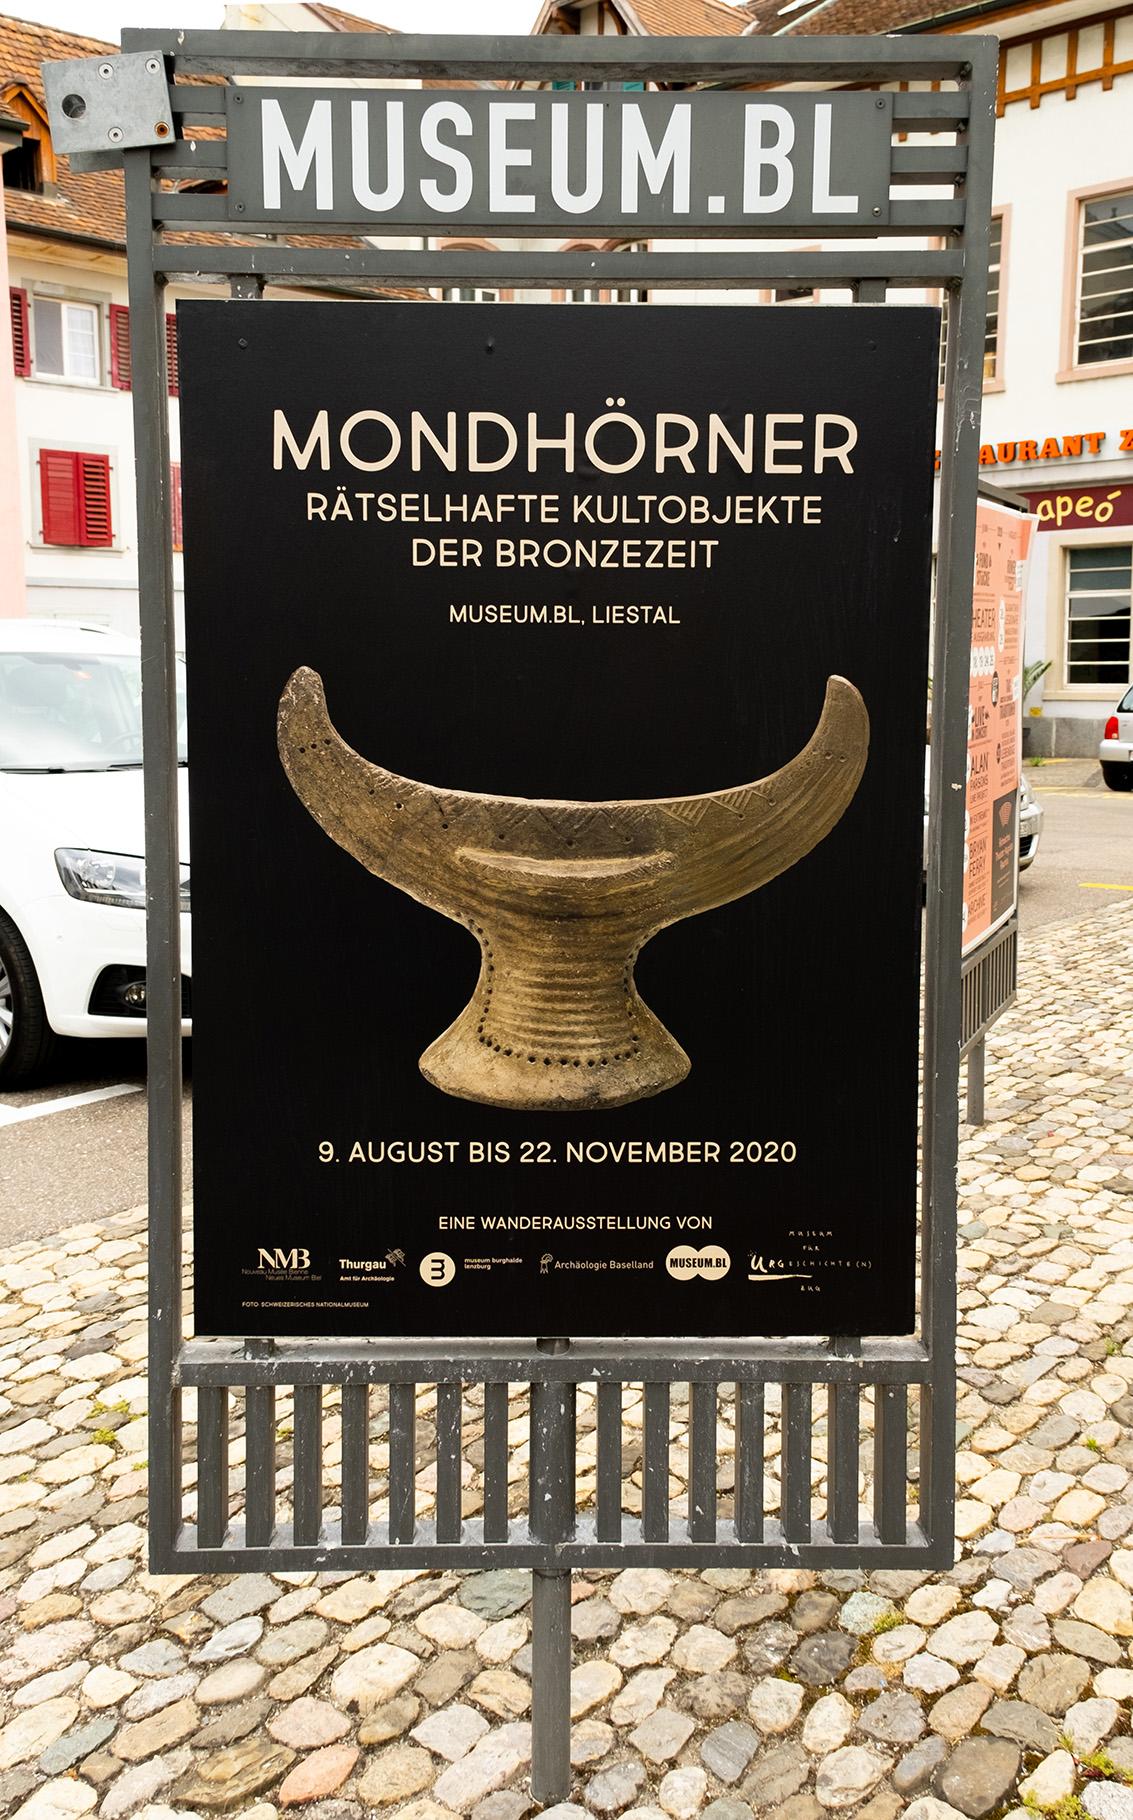 Foto Mondhorn: Schweizerisches Nationalmuseum